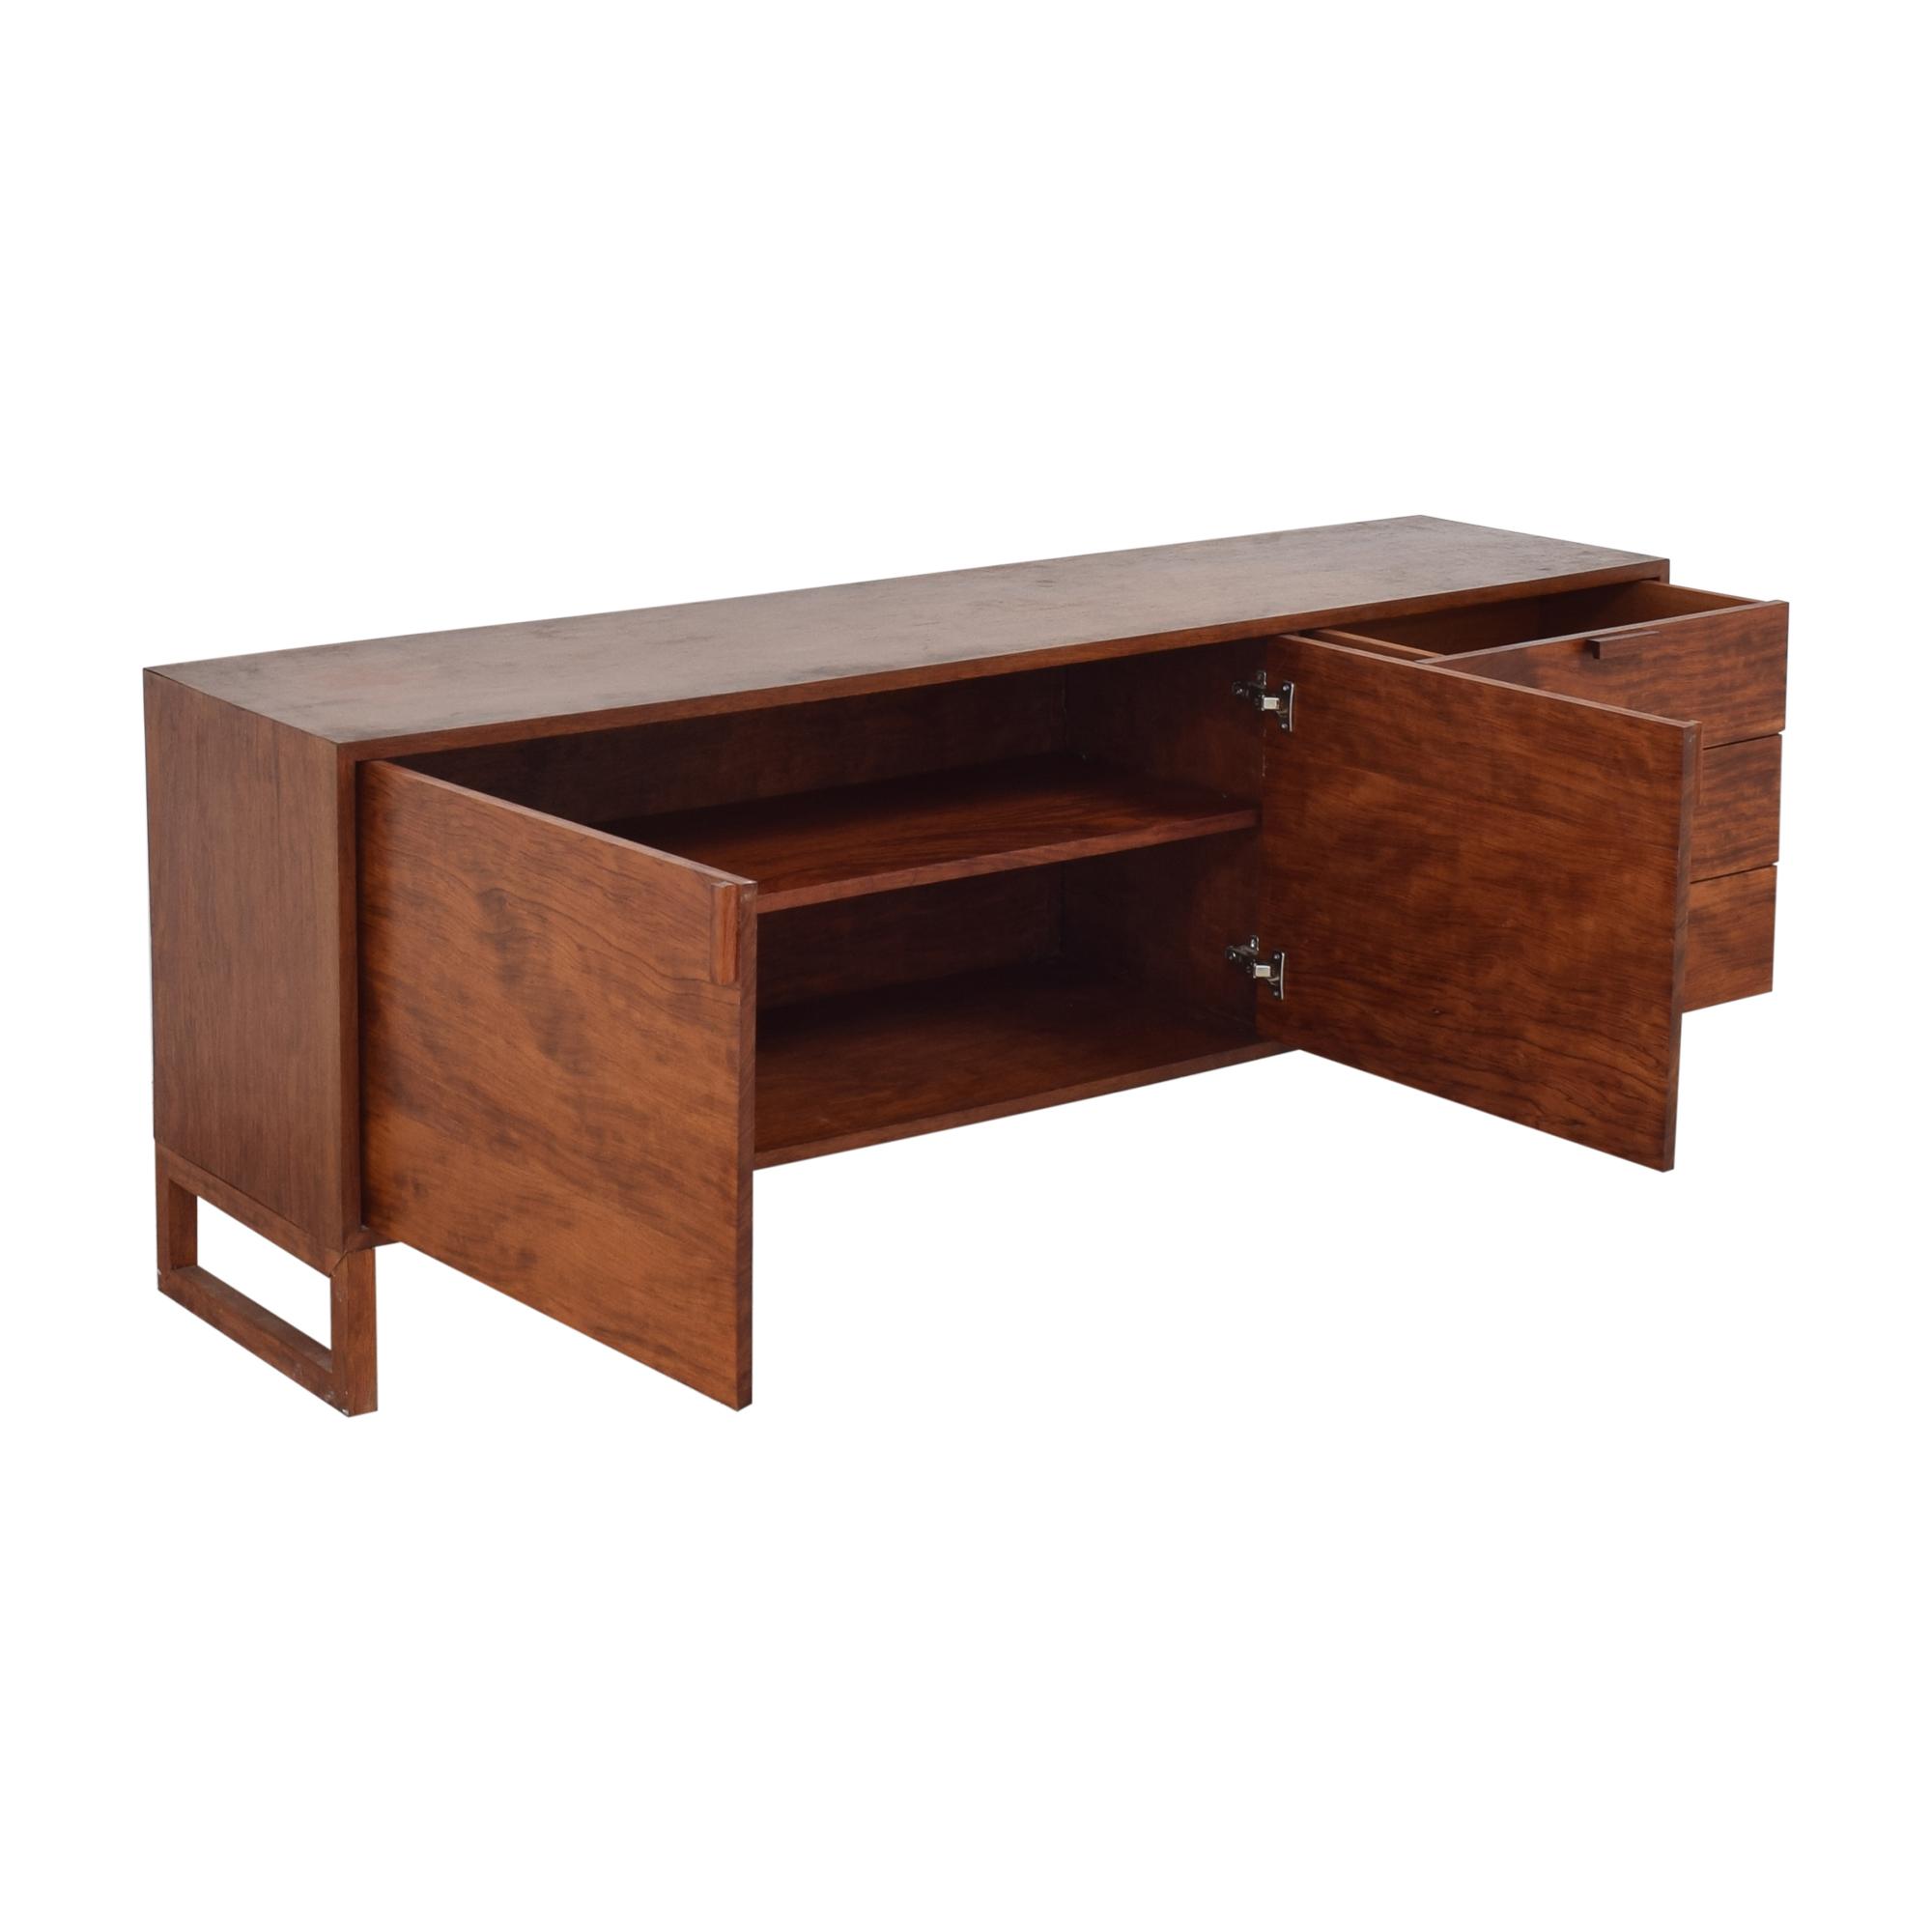 buy  Custom Mid Century-Style Sideboard online